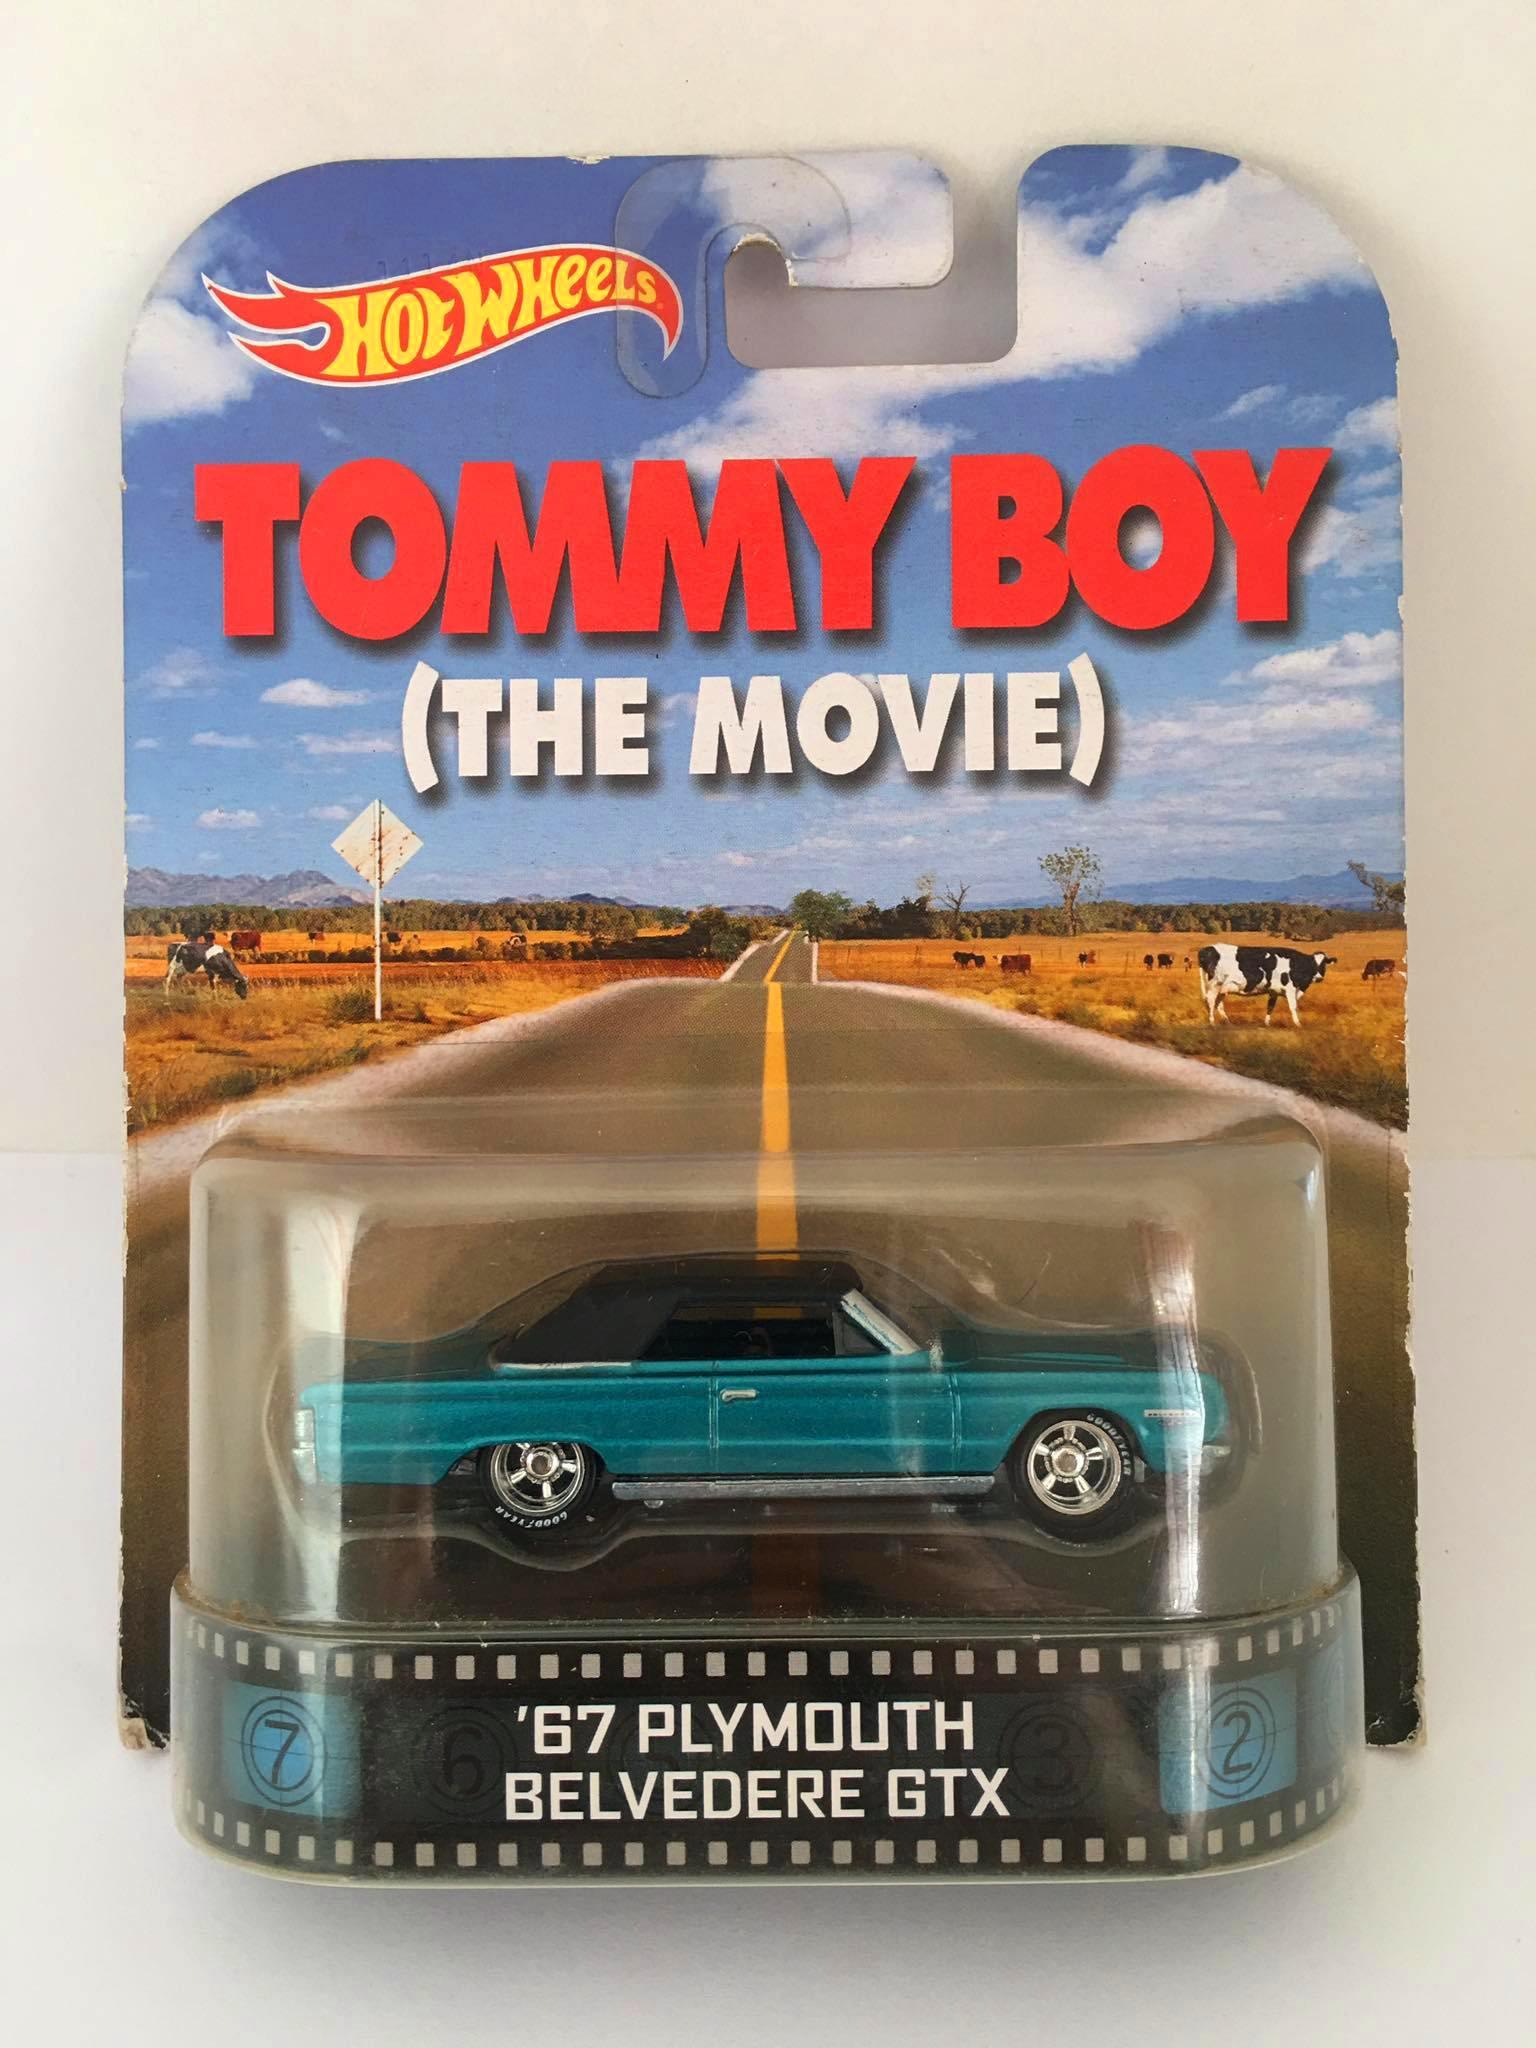 Hot Wheels - 67 Plymouth Belvedere GTX - Tommy Boy ( The Movie) Azul - Retro - Leia Descrição